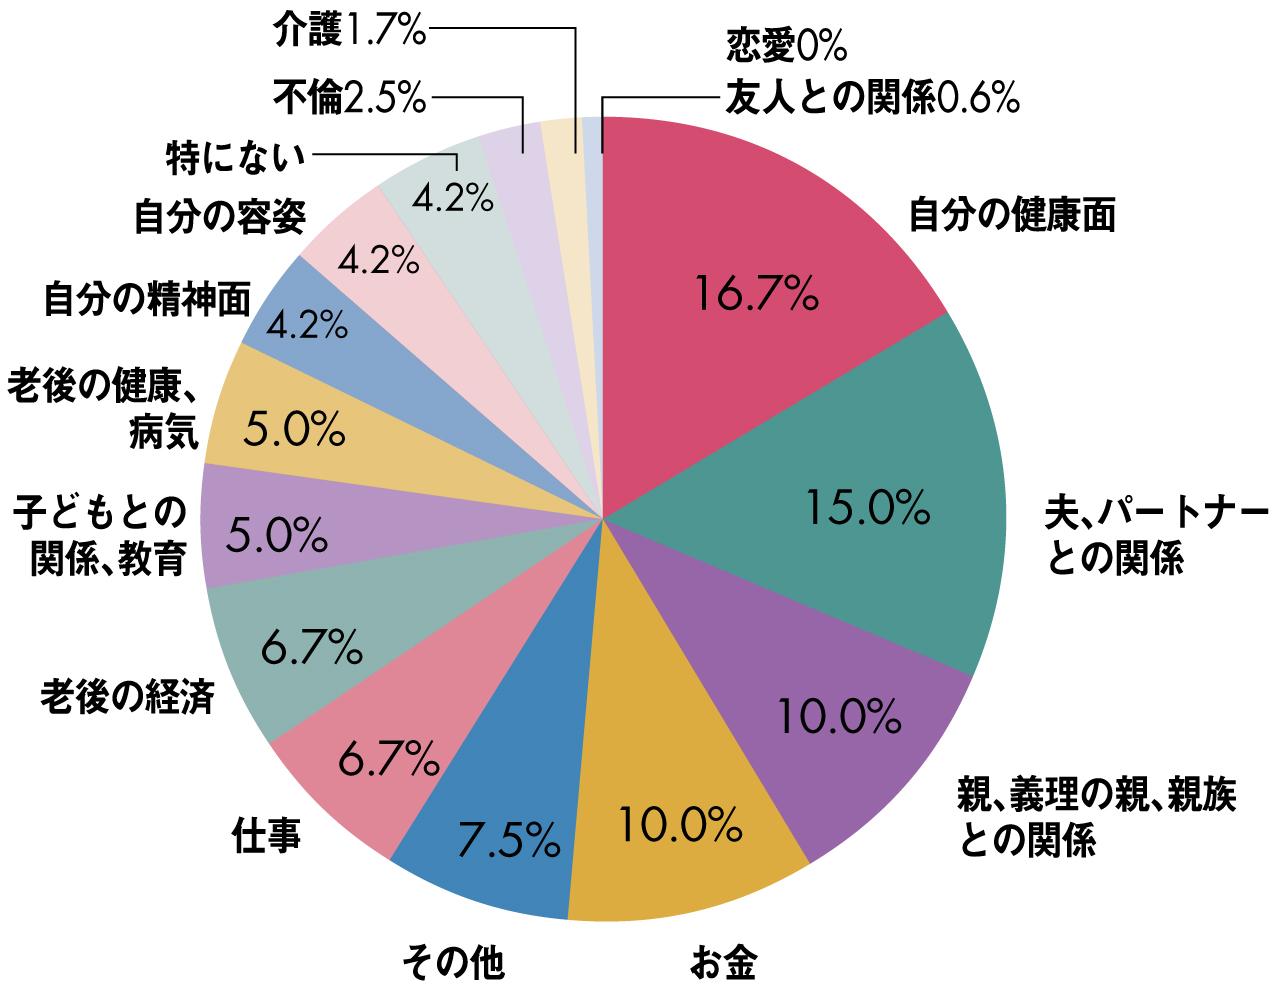 いちばん悩んでいることの円グラフ